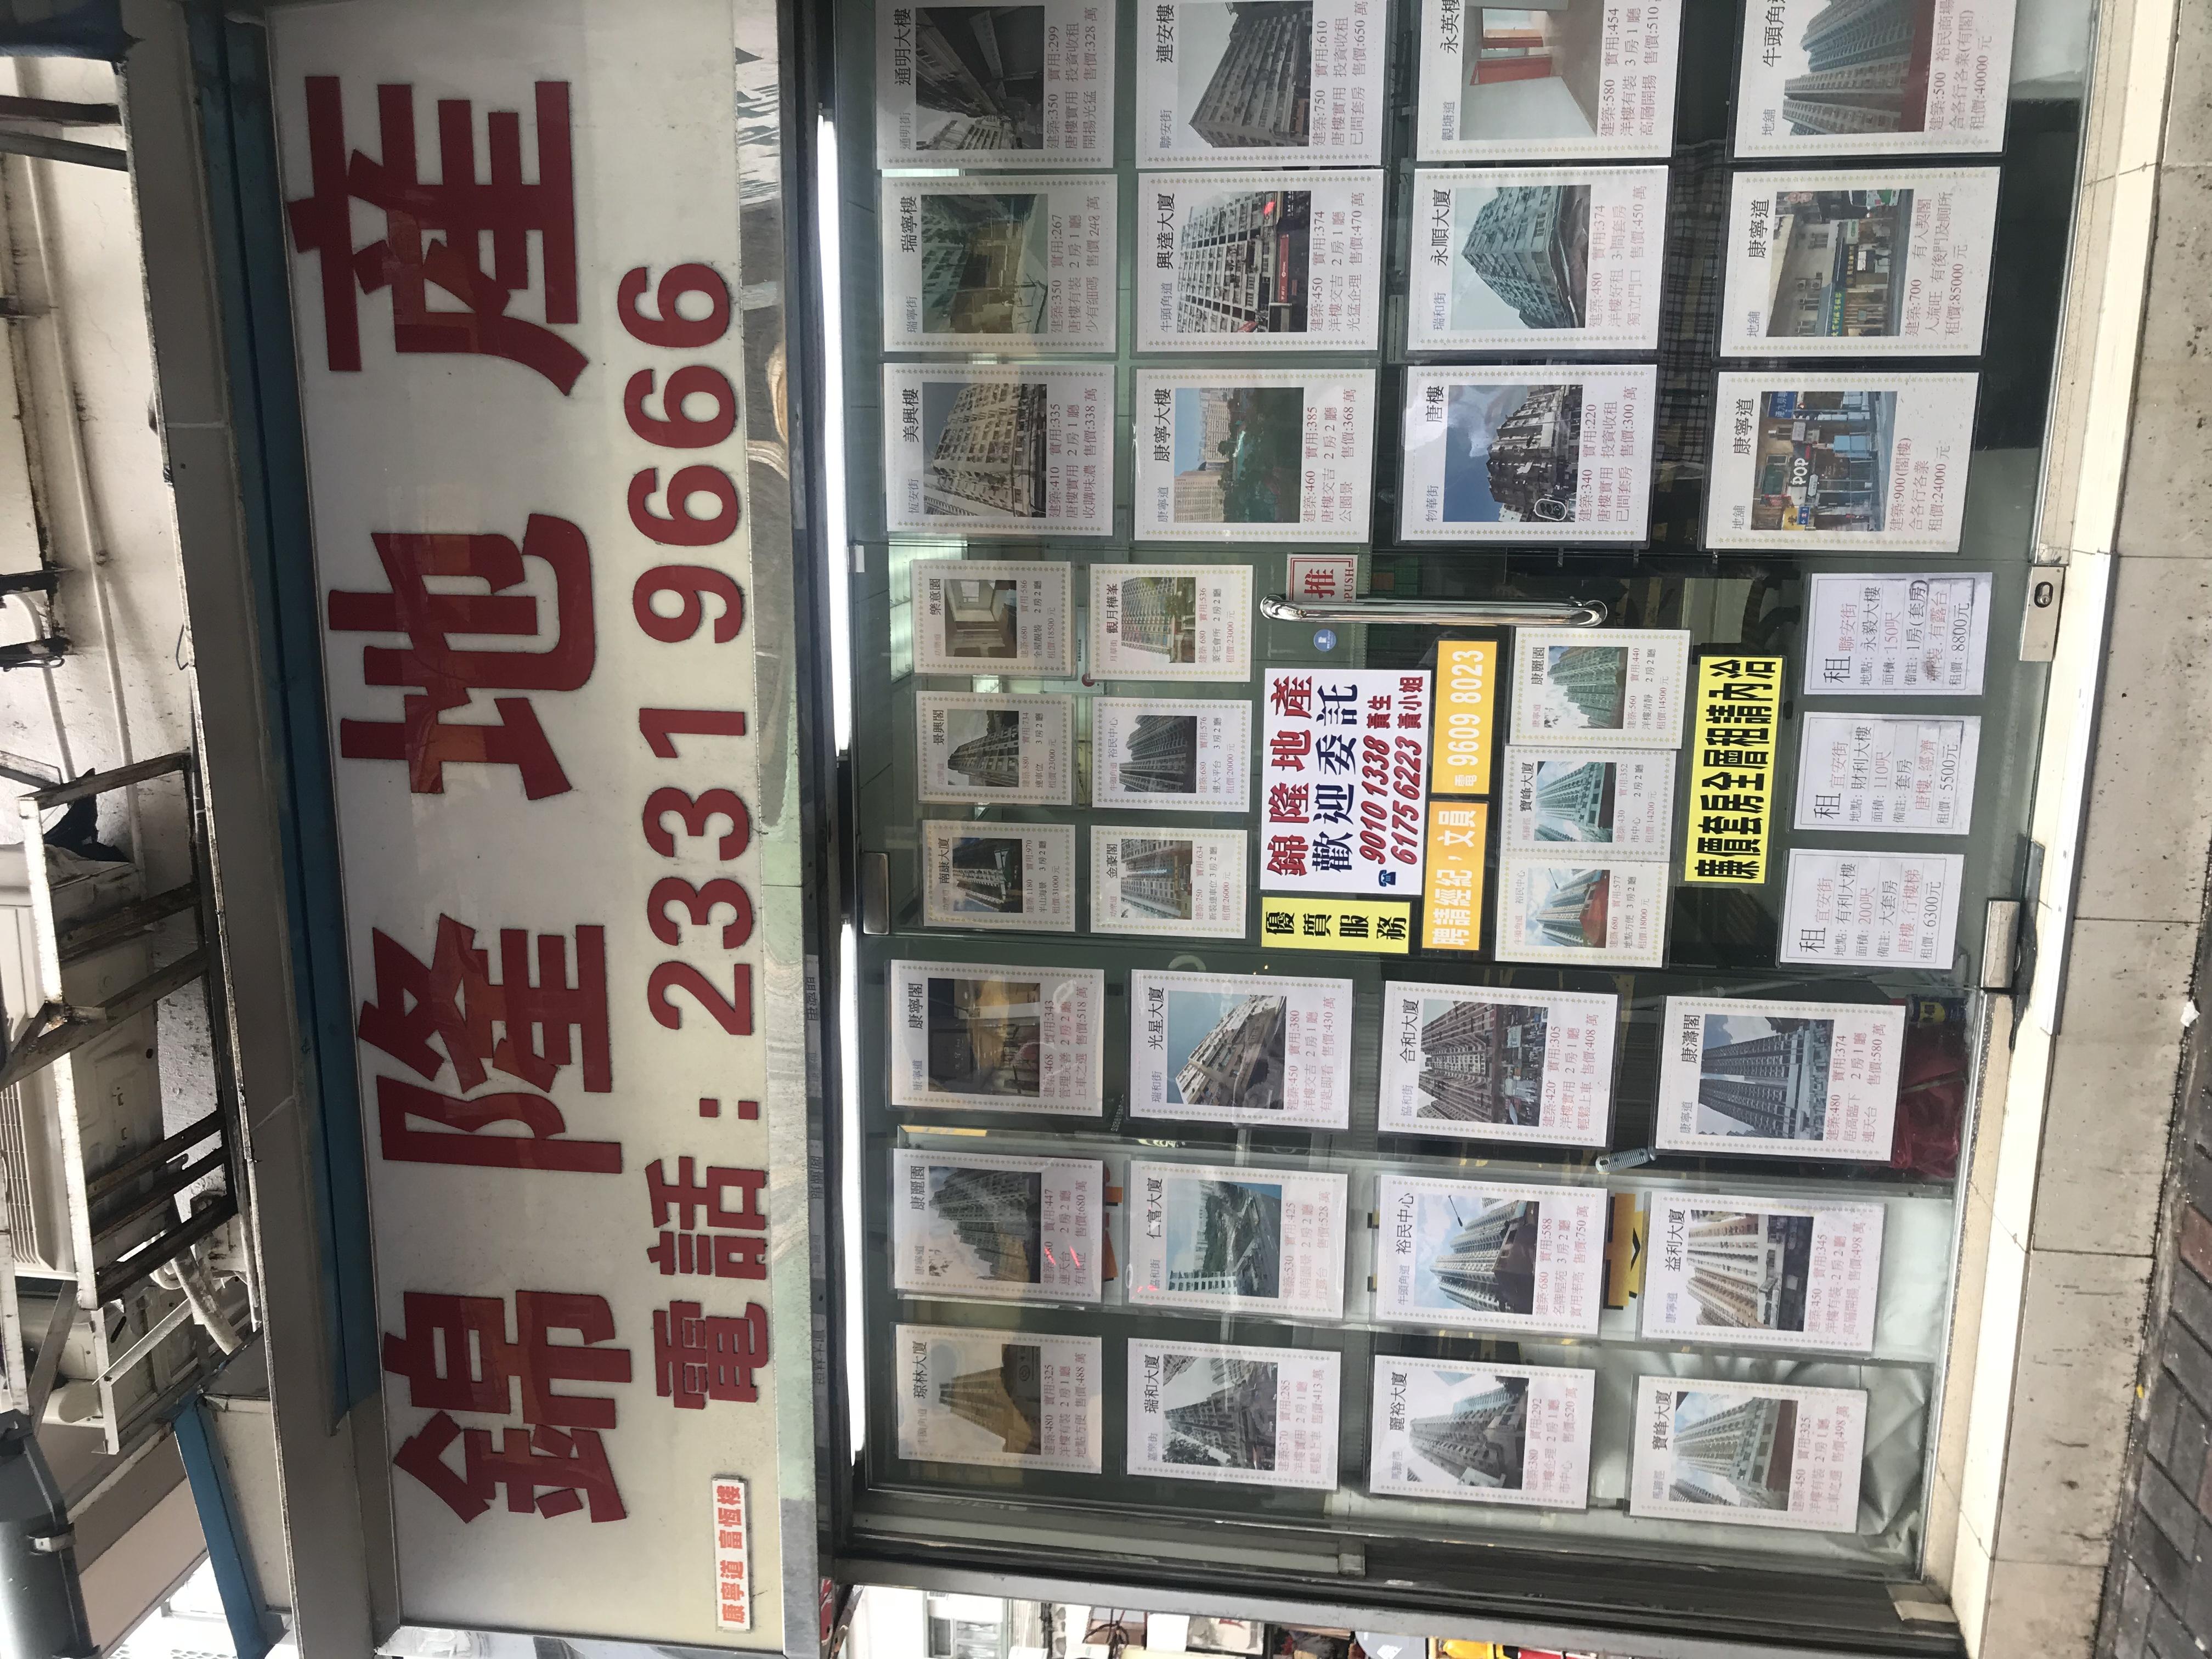 香港地產代理 Estate Agent : 錦隆地產 @青年創業軍